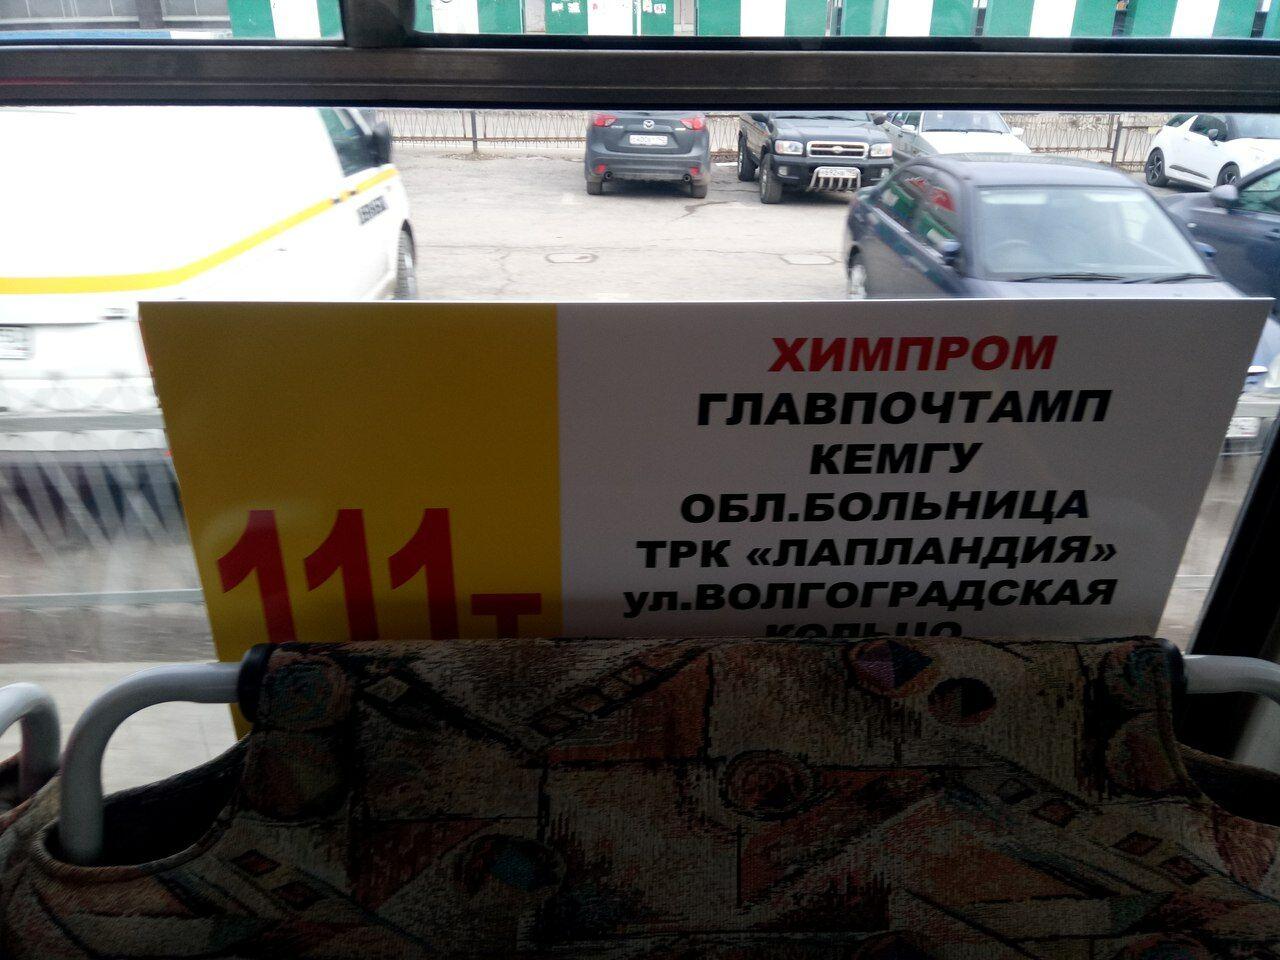 ВКемерове изменился номер у известного маршрутного автобуса